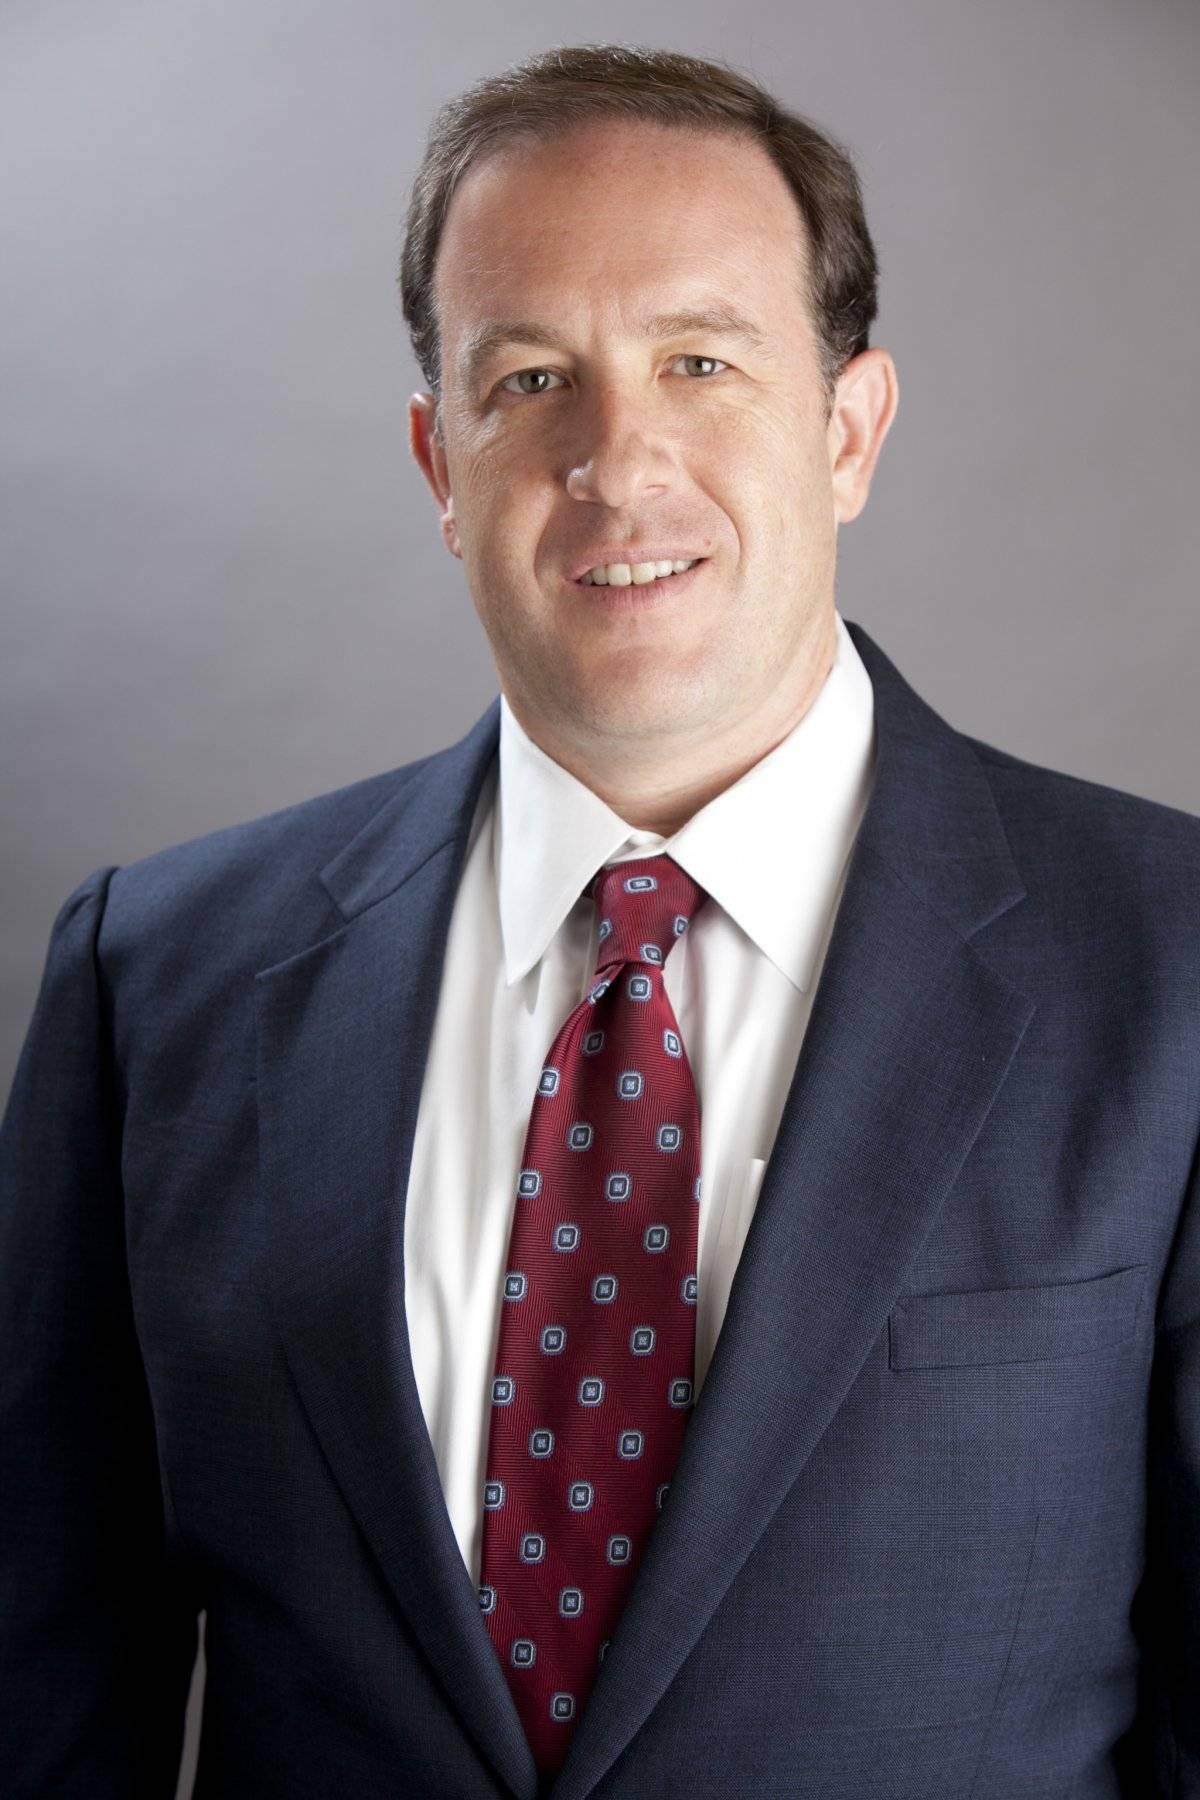 Philip I. Levy, investigador principal de economía global en el Consejo de Asuntos Globales de Chicago